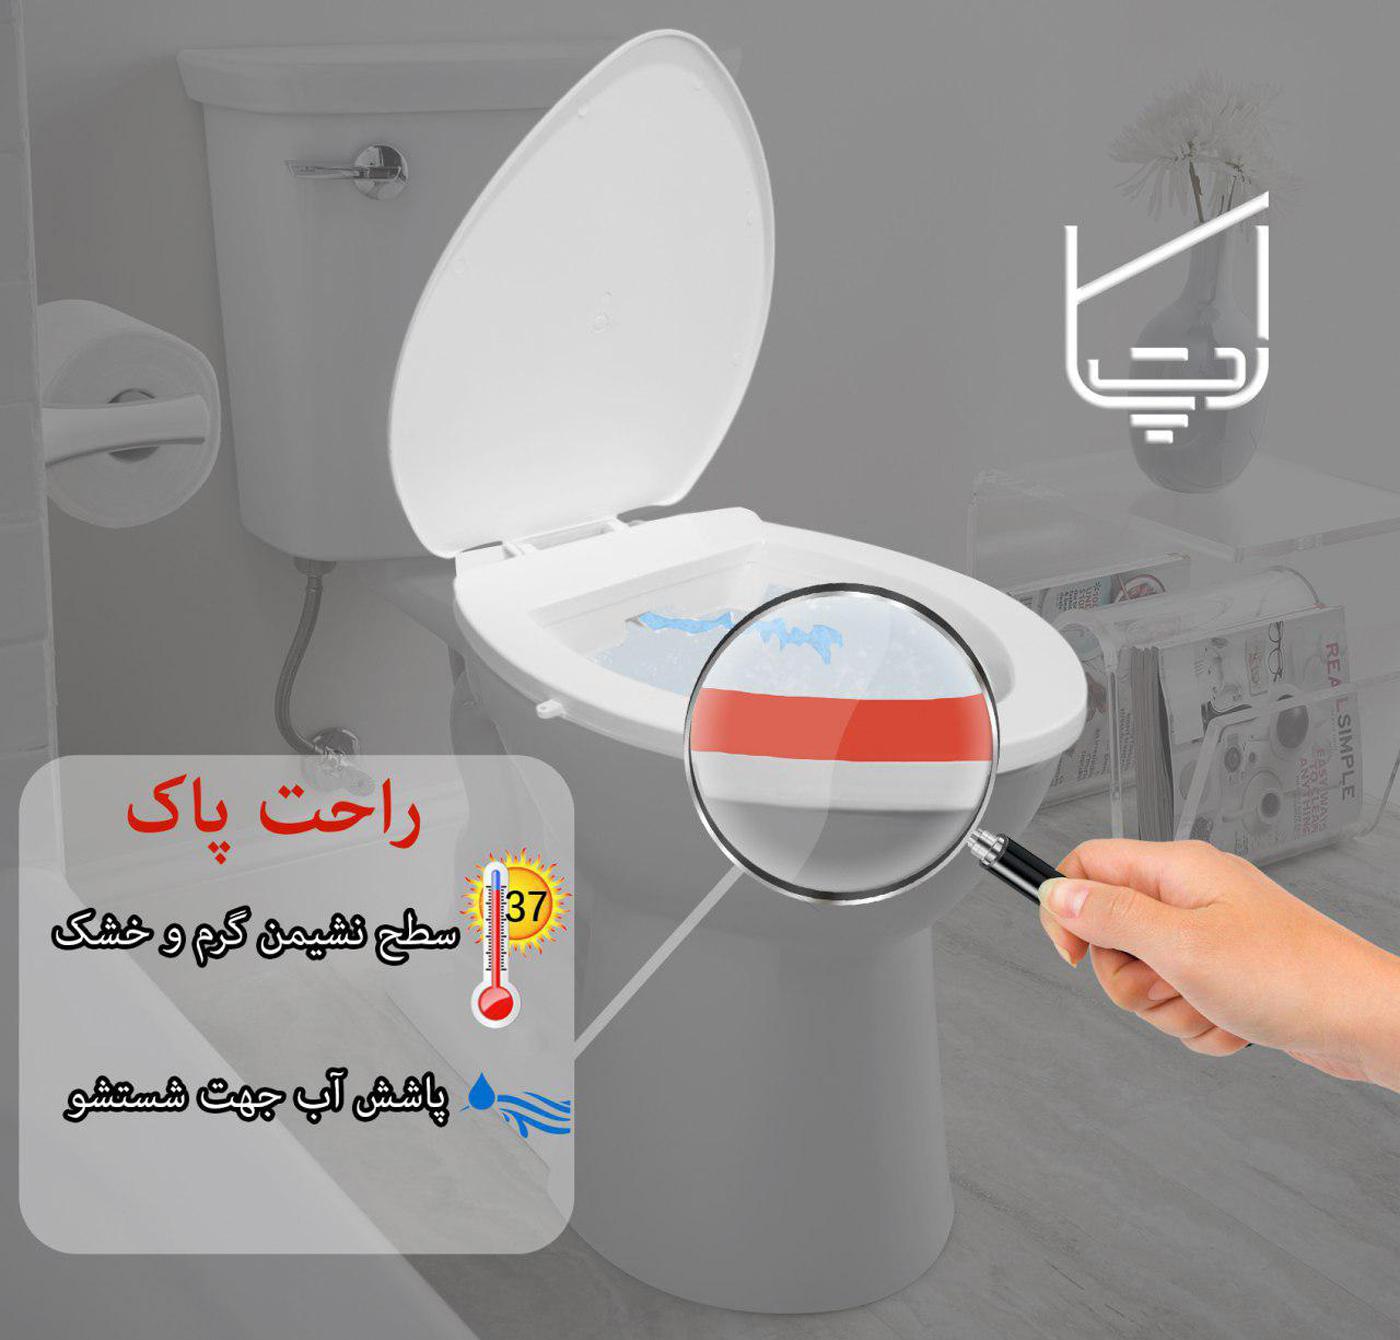 گرم کن و خودشوی توالت فرنگی |